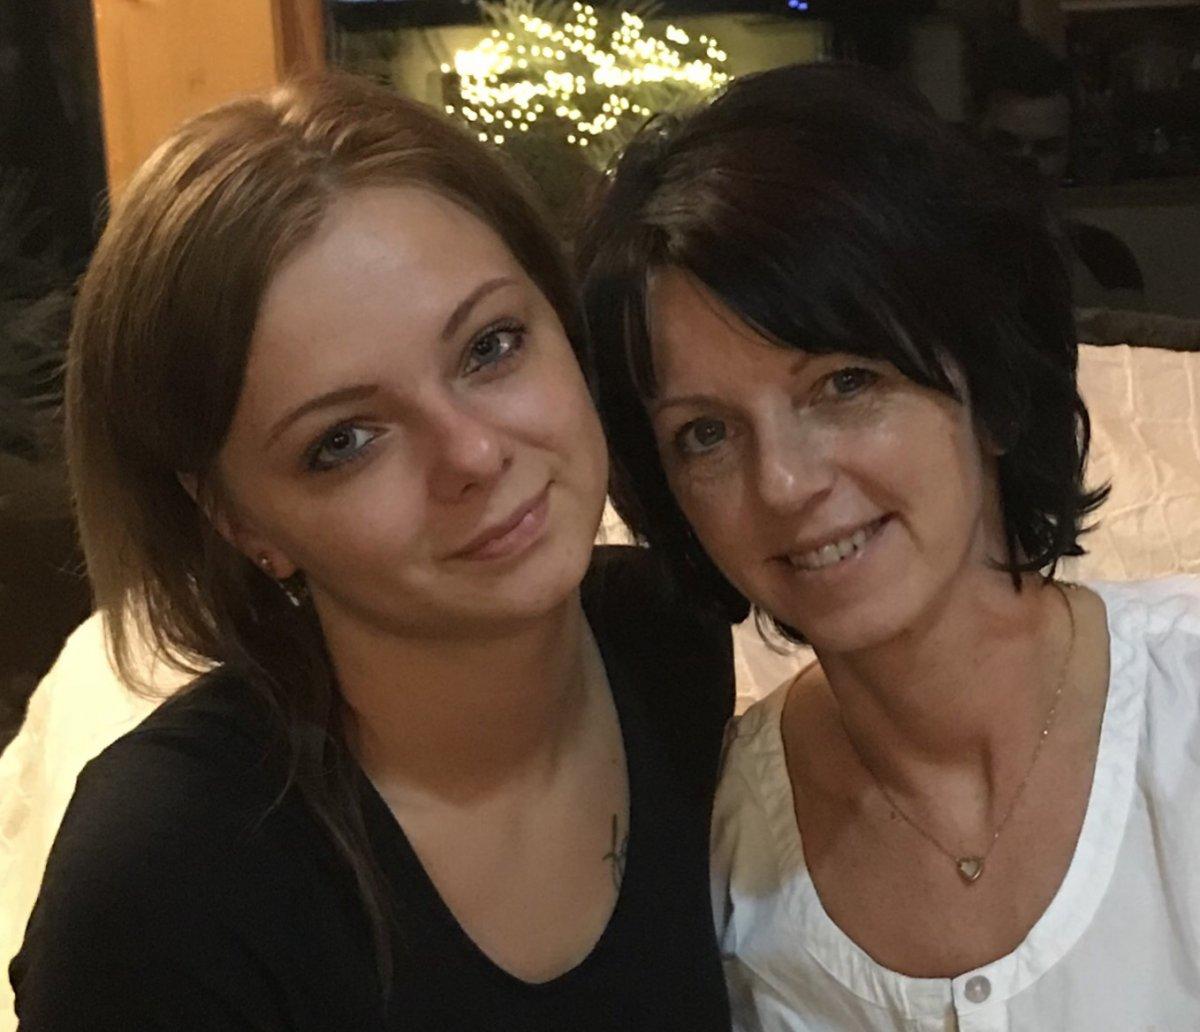 Auf dem Foto sieht man Daniela und Jessica Streichsbier aus Elsterwerda. Beide haben kinnlange Haare und schauen in die Kamera.